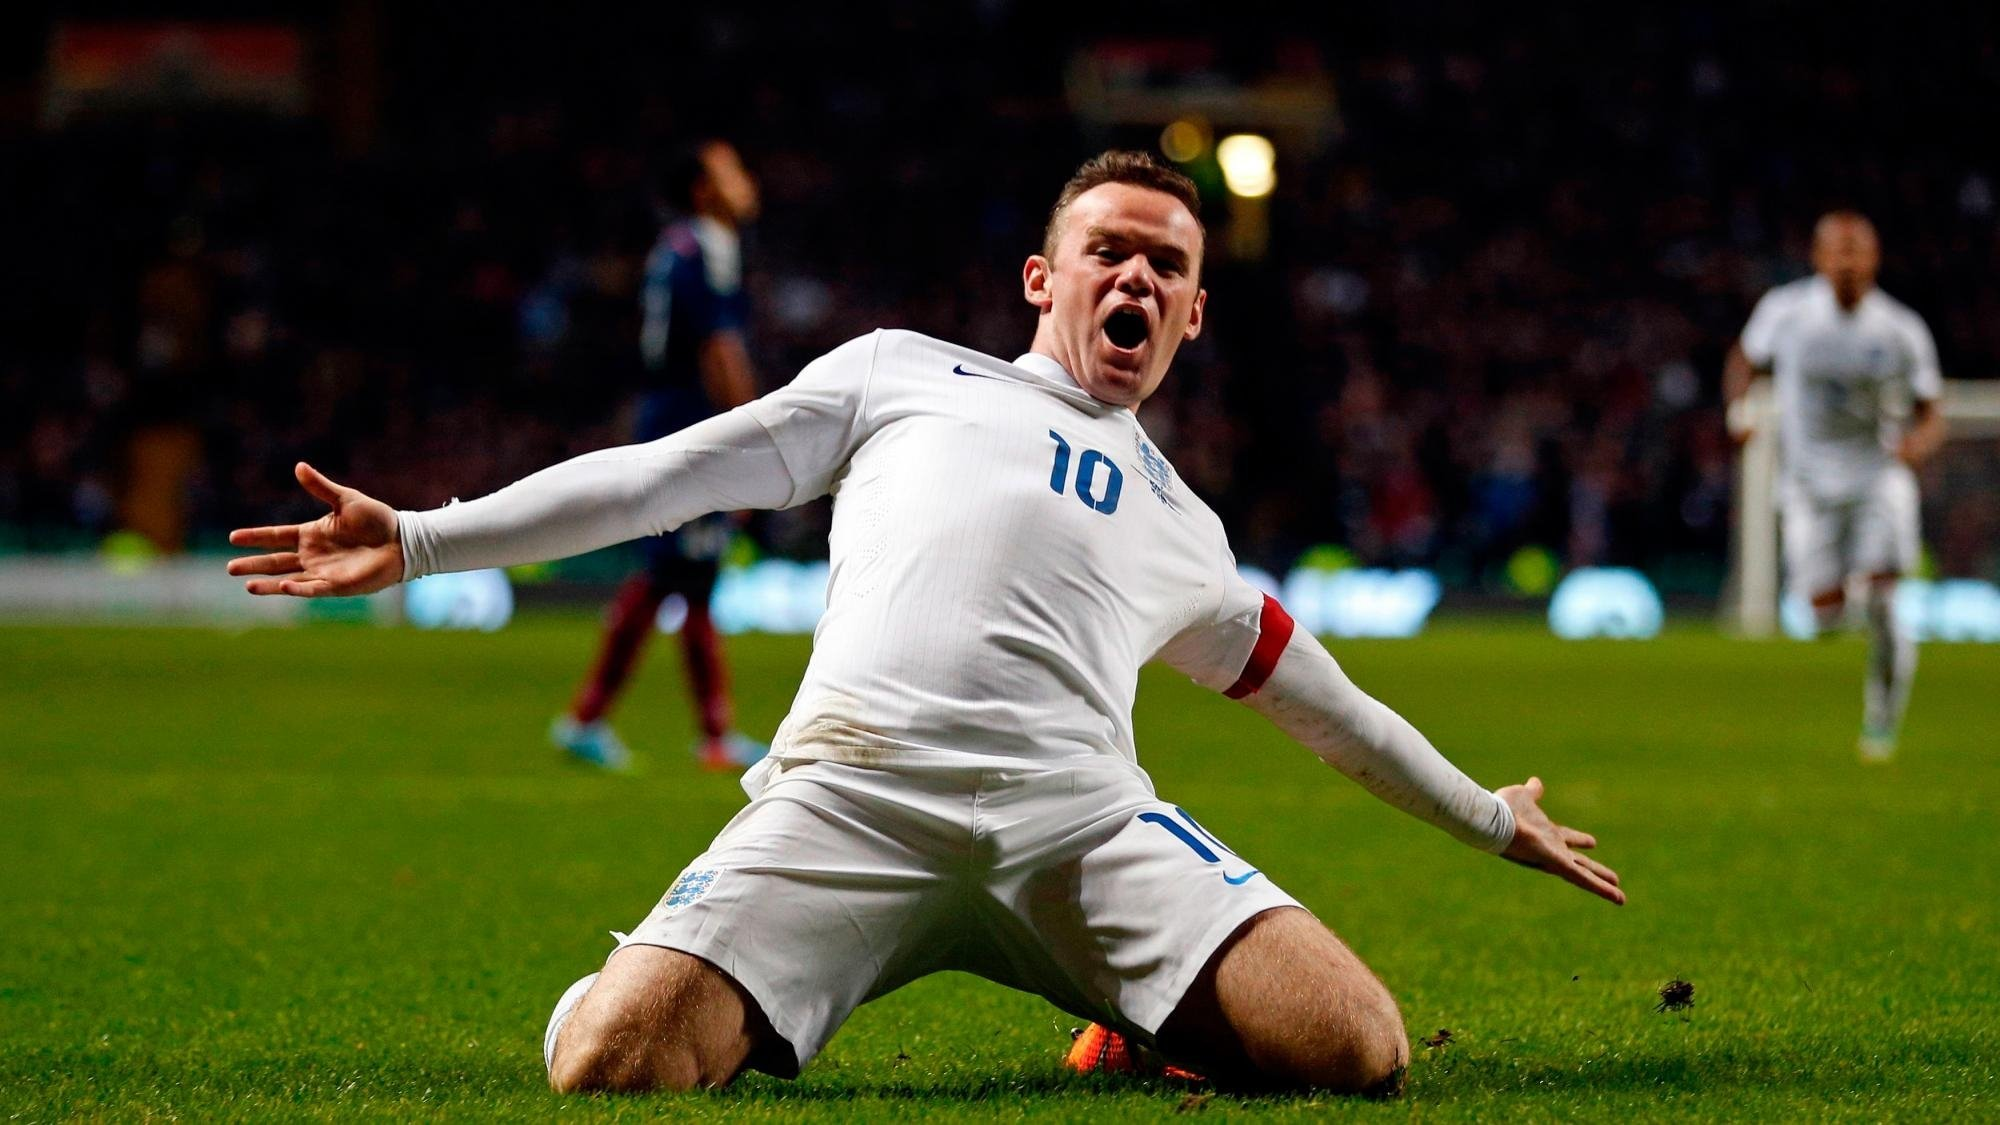 Прогноз на матч Англия - Шотландия 11 ноября 2016